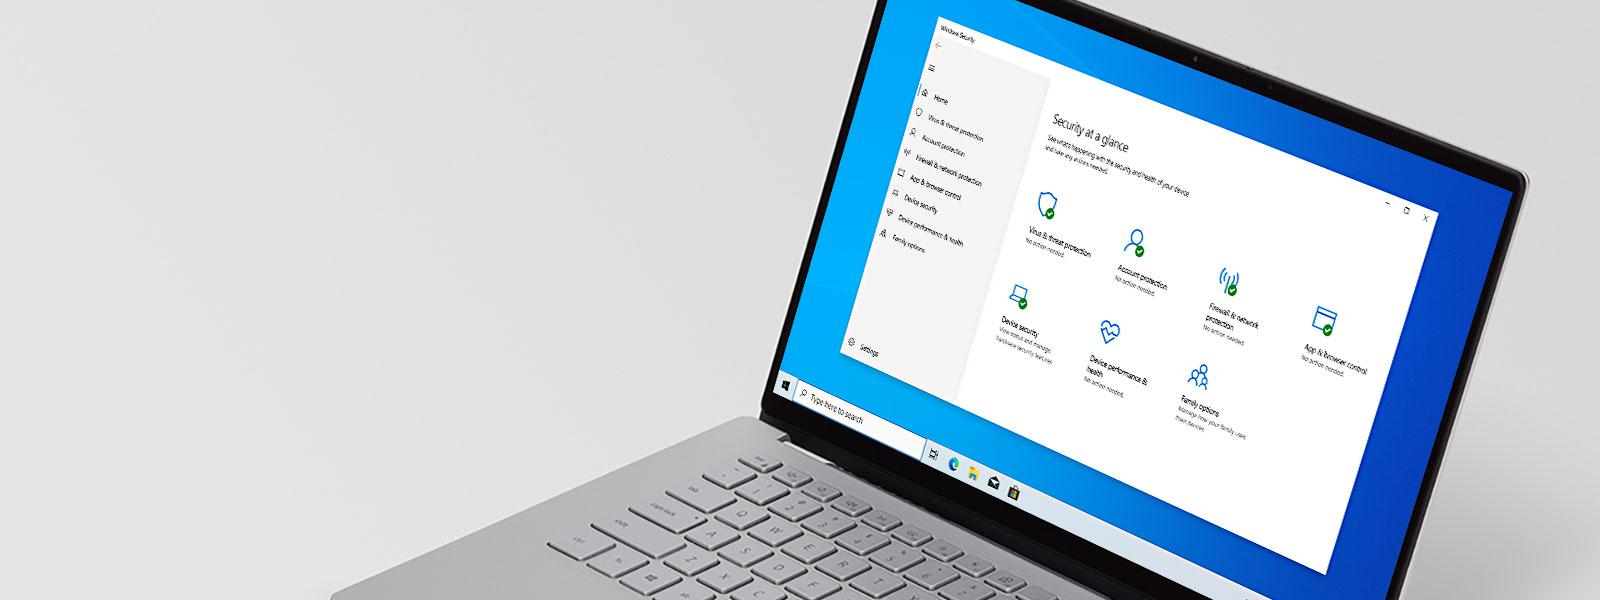 Windows 10 laptop računar koji prikazuje prozor Antivirusni program Microsoft zaštitnika